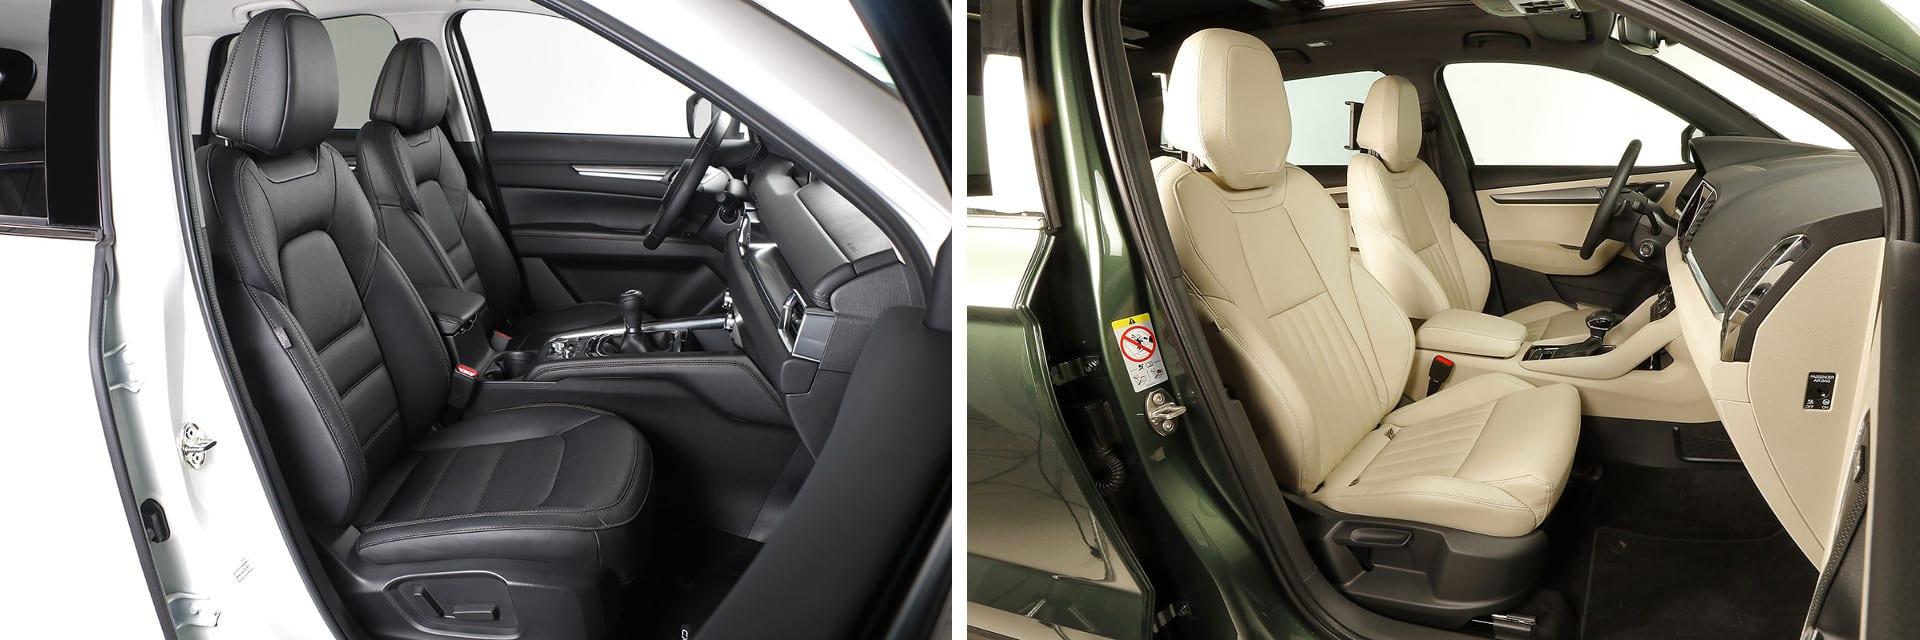 Los asientos delanteros del CX-5 (izq.) y los del Karoq (dcha.) son cómodos y proporcionan una buena sujeción del cuerpo en las curvas.